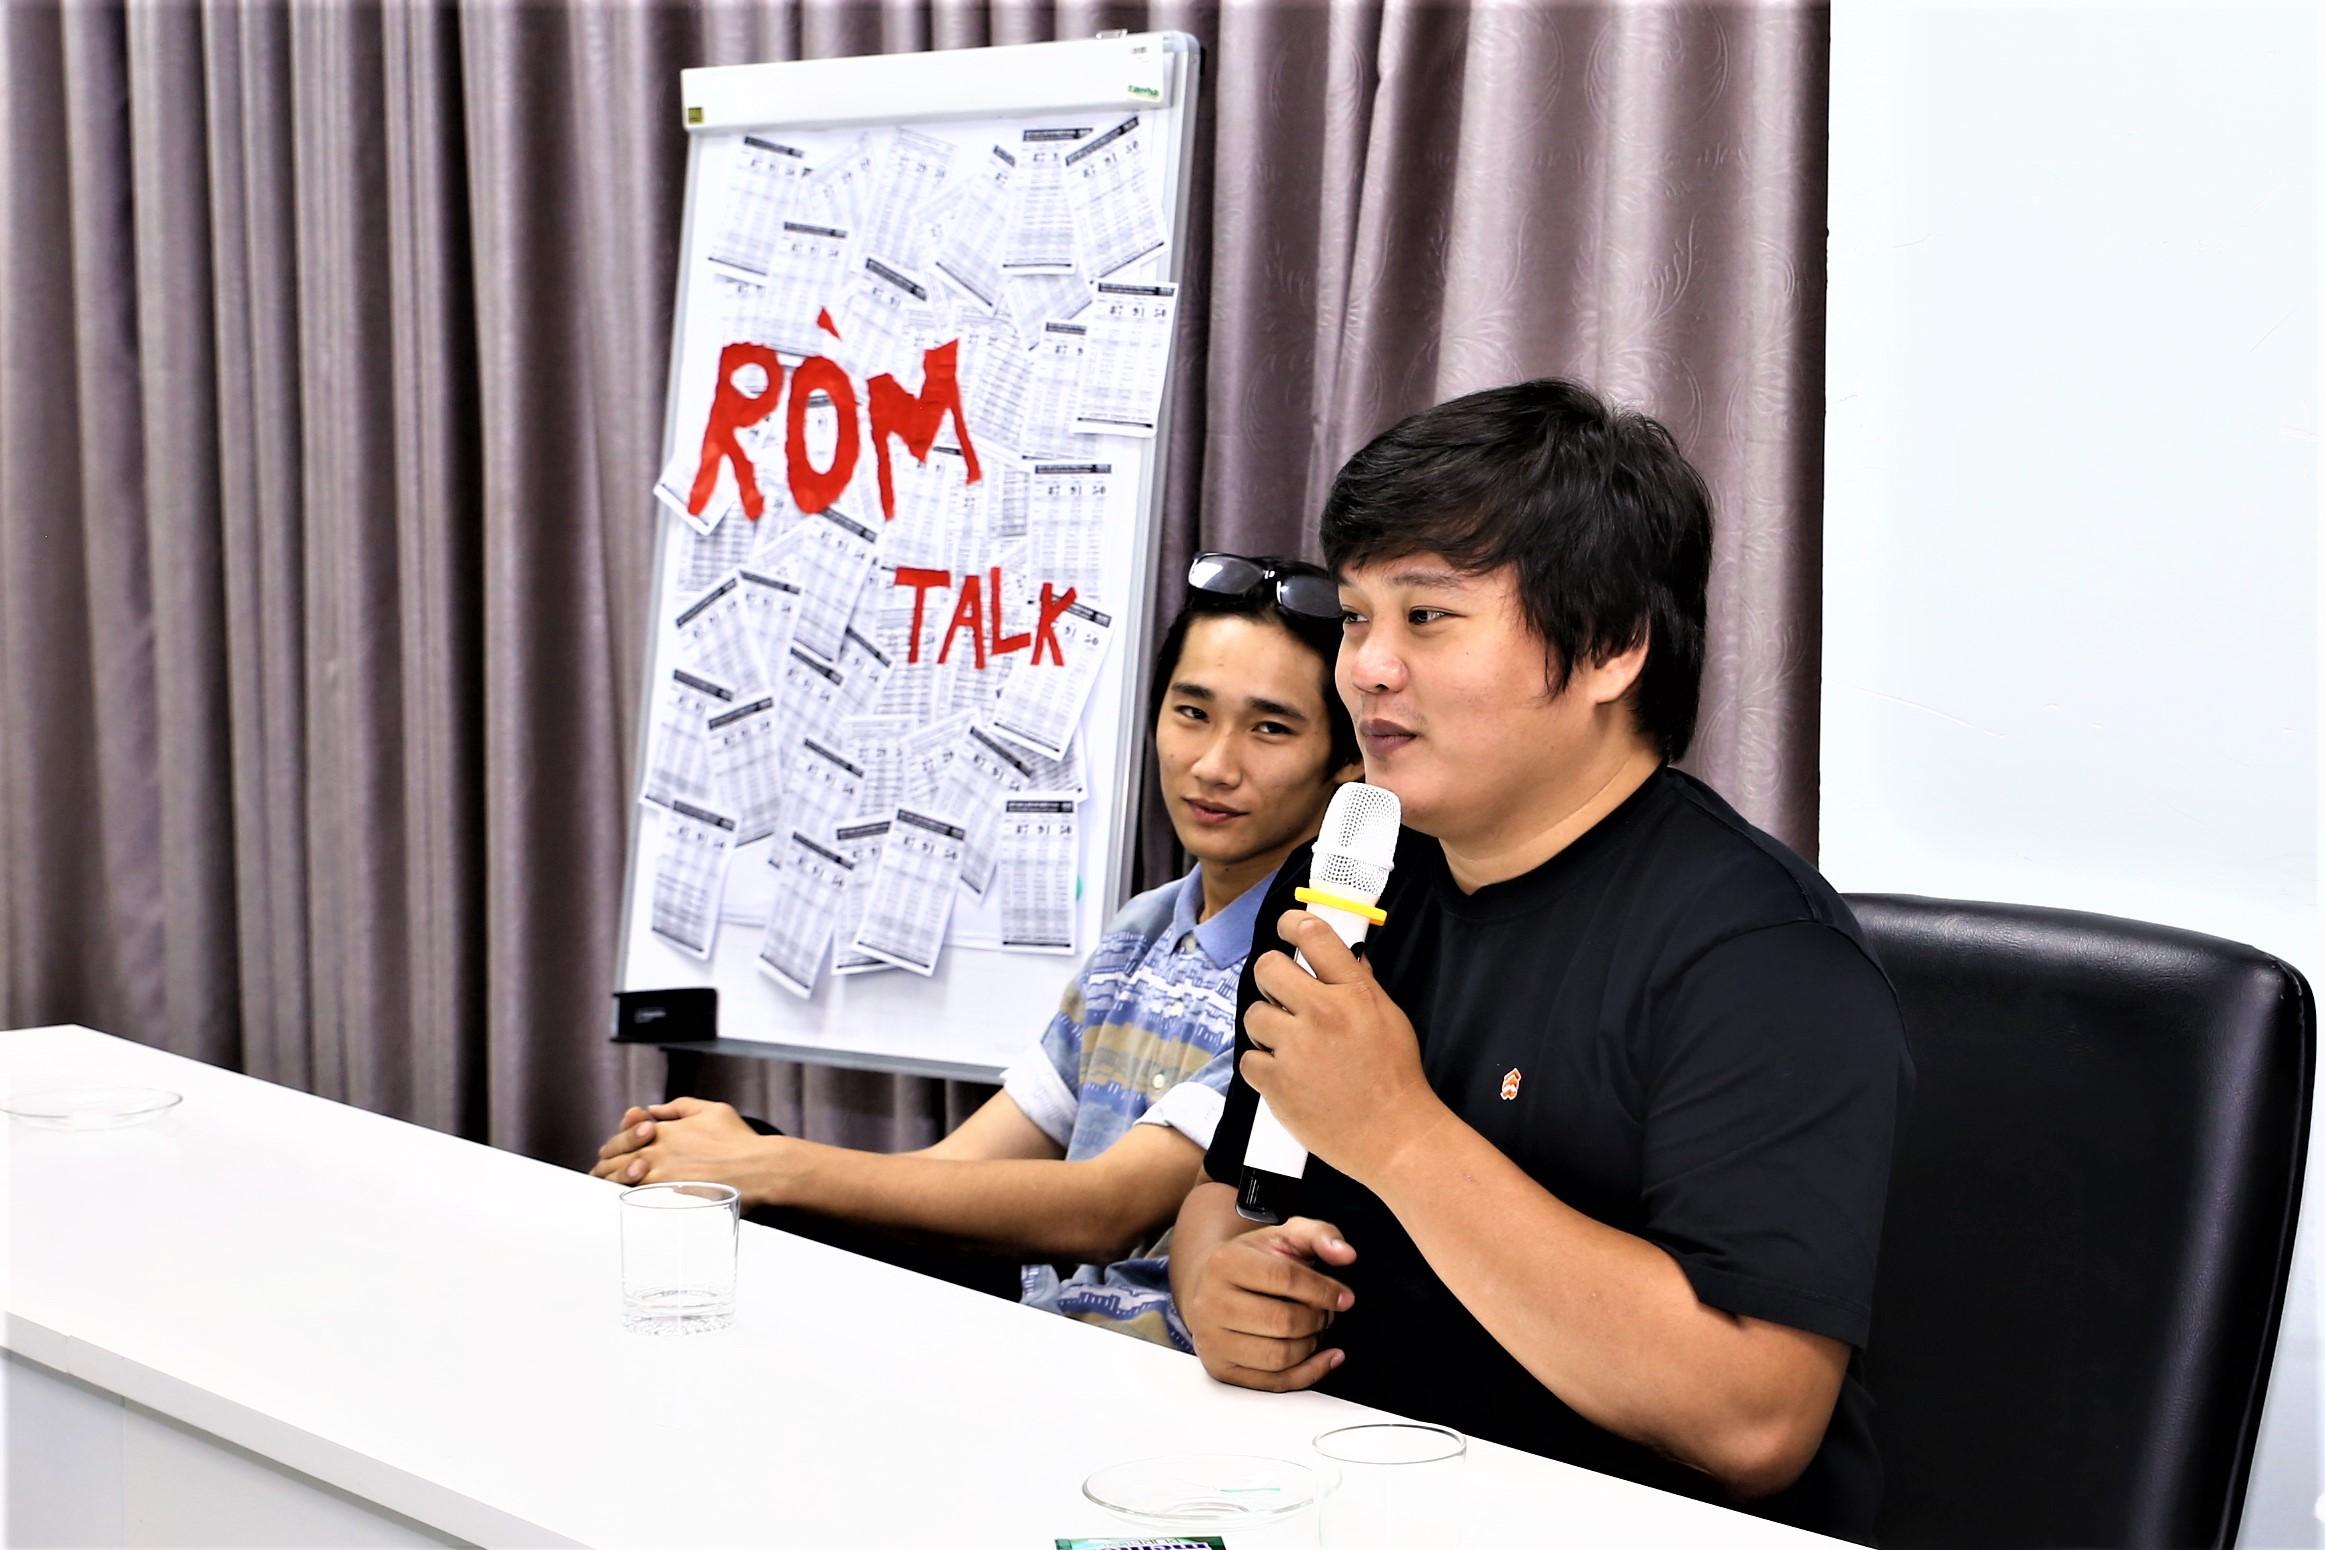 Sinh viên TBD giao lưu với Ê-kip làm phim Ròm